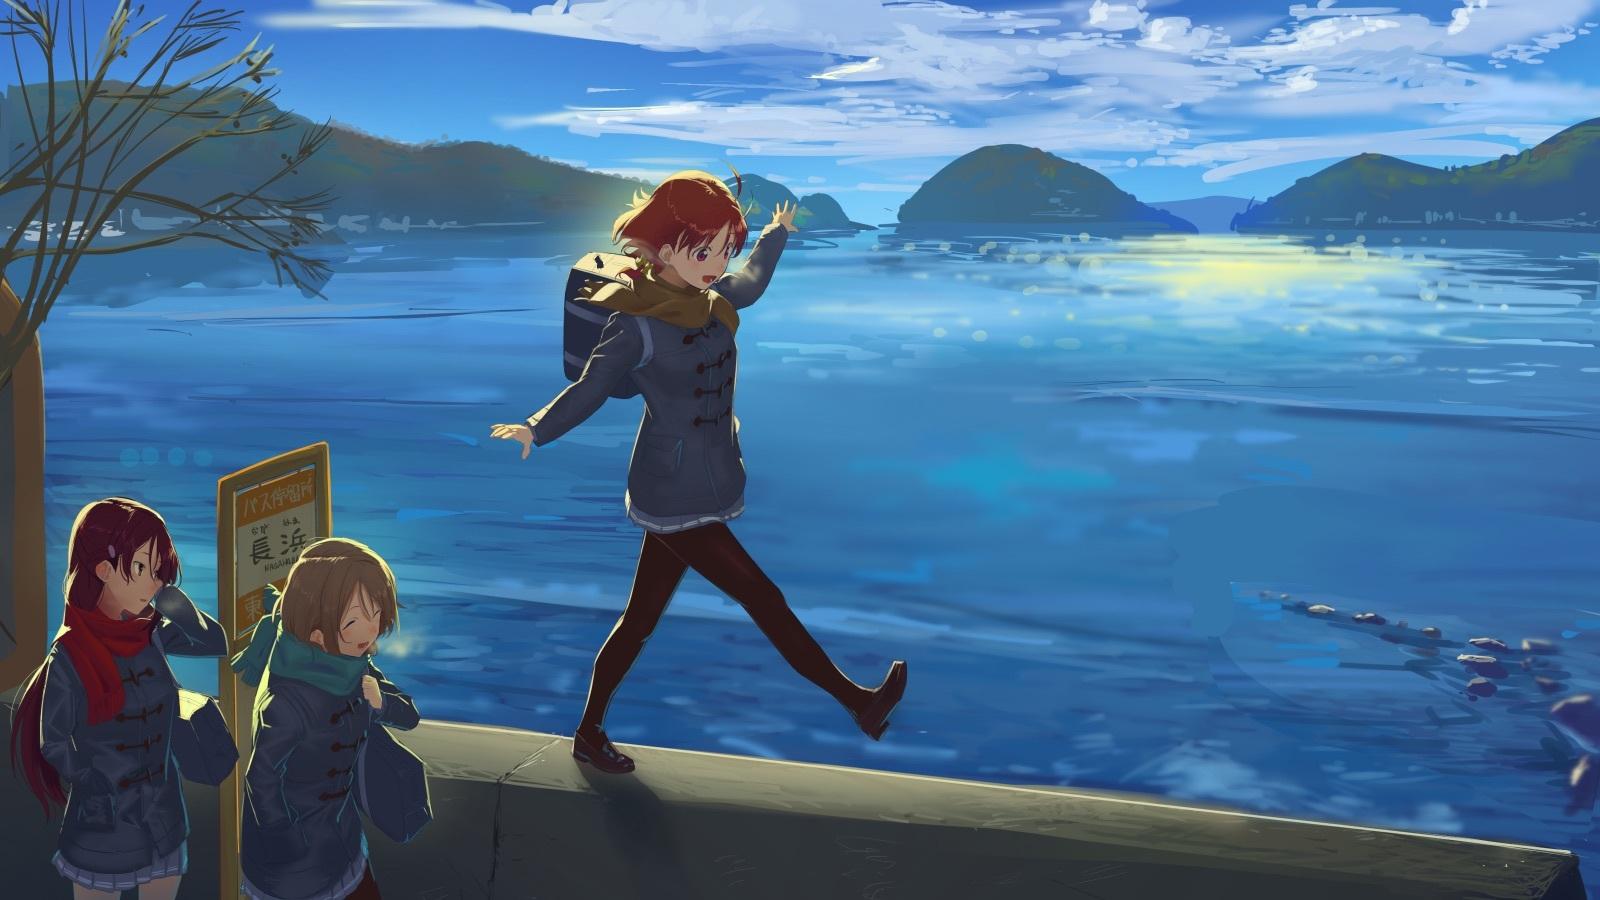 ラブライブ!サンシャイン!! 高海千歌 桜内梨子 渡辺曜 / LoveLive! Takami Chika Sakurauchi Riko Watanabe You  No.5825